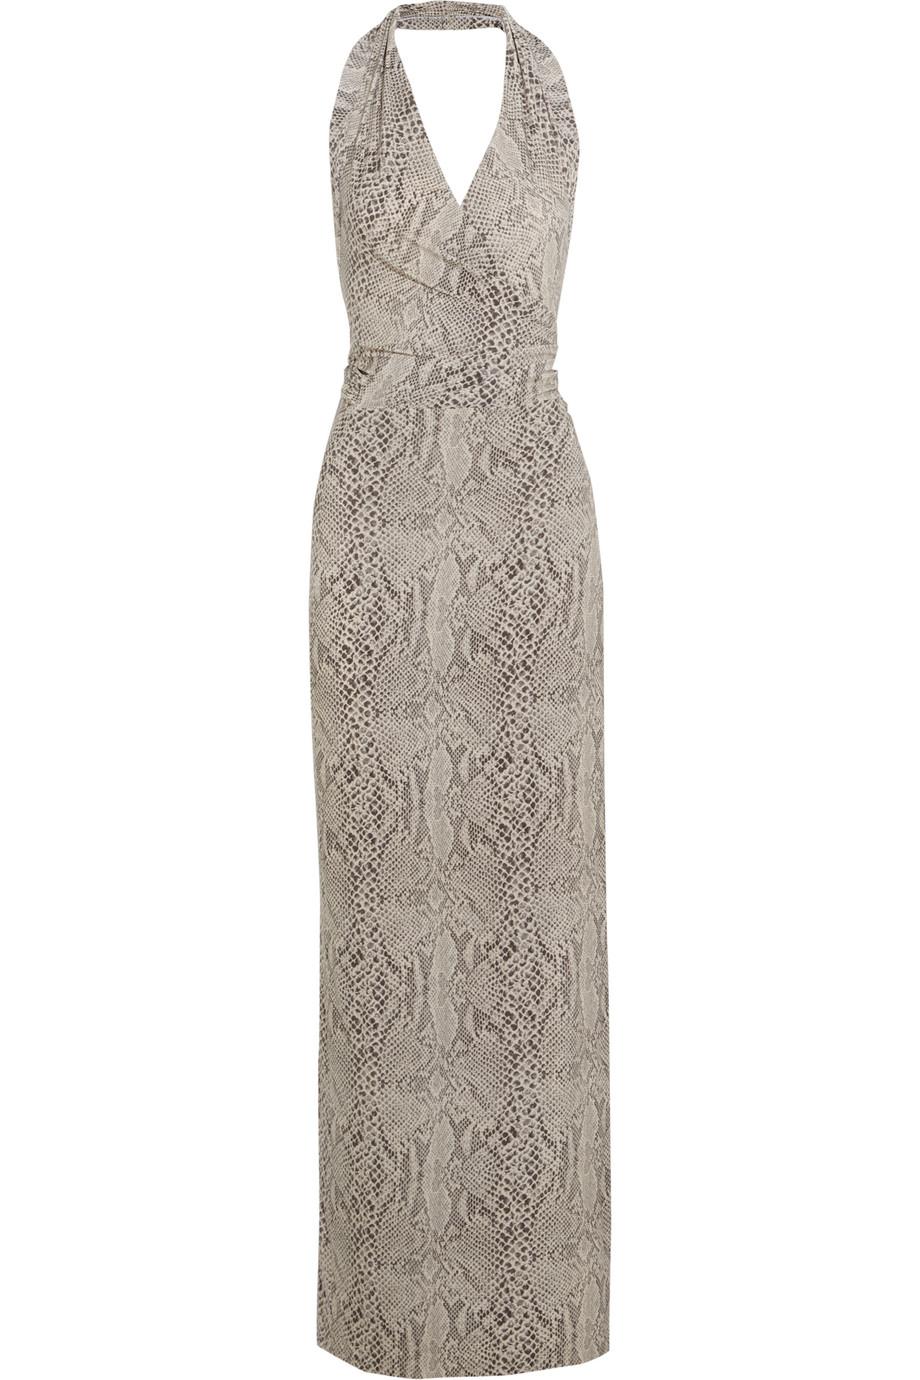 Norma Kamali Snake-Print Stretch-Jersey Halterneck Dress, Snake Print/Beige, Women's, Size: L